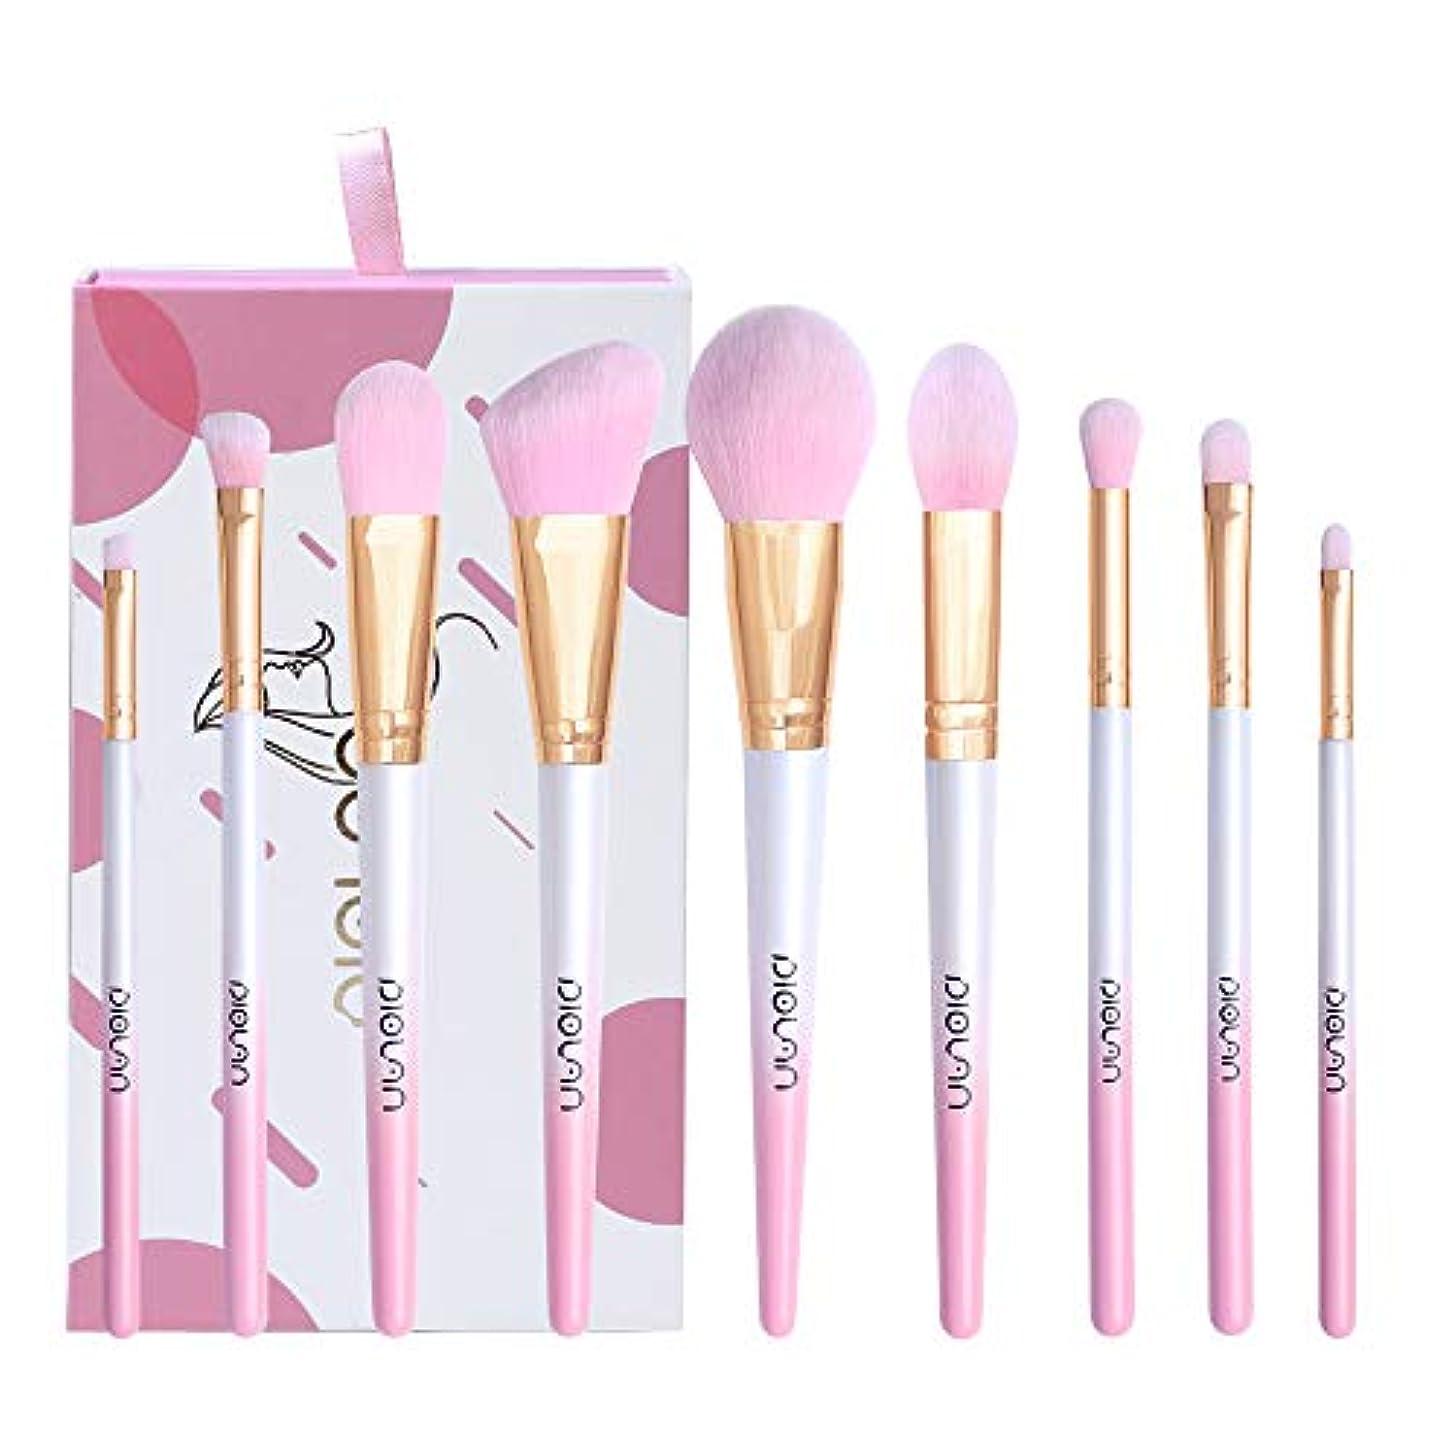 故意の安西スーパーマーケットDiolan メイクブラシ 化粧ブラシセット 高級タクロン 超柔らかい 9本セット (桜のピンク)